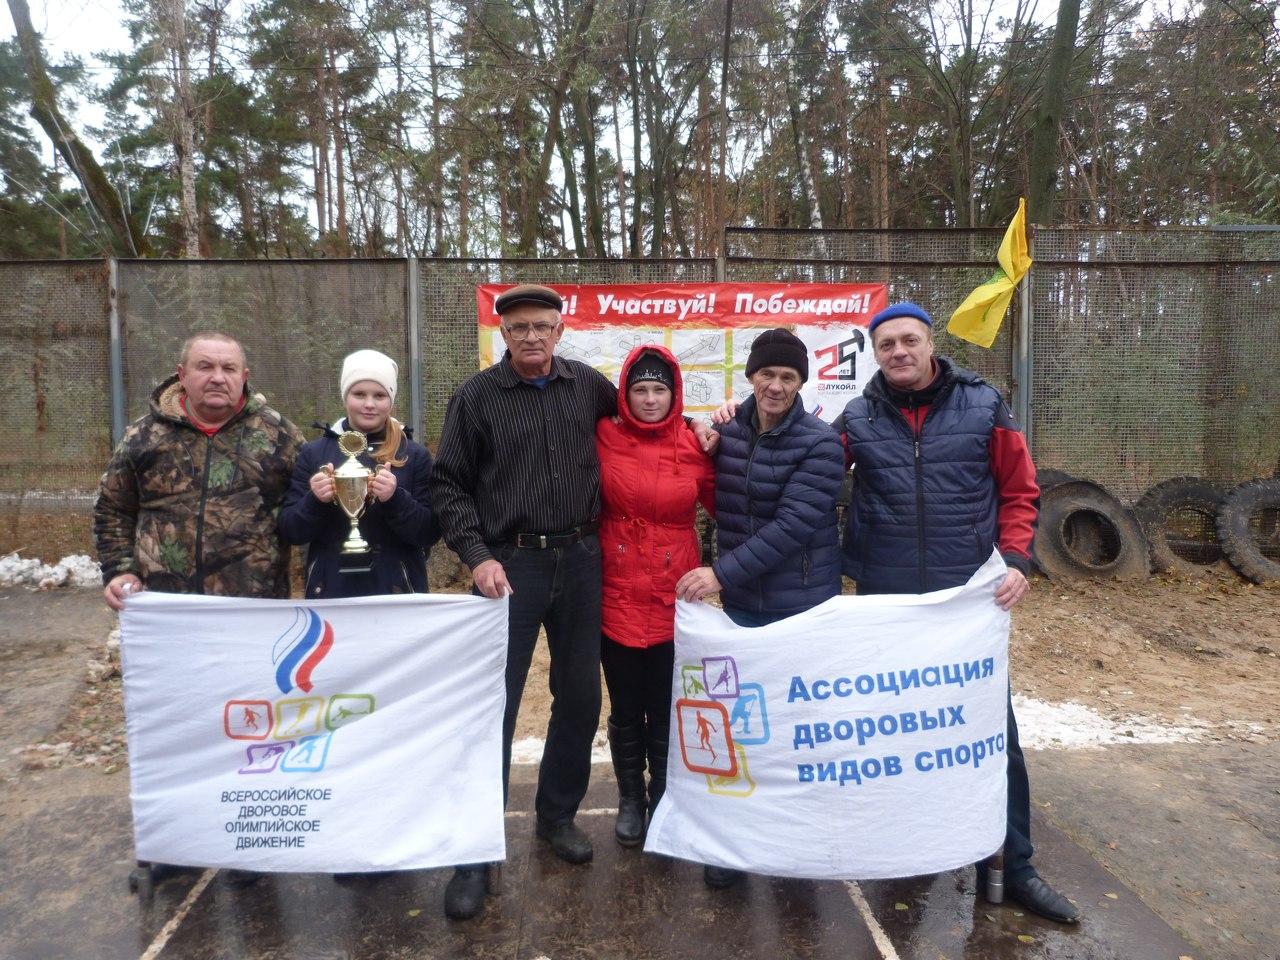 Городошники Липецкой области сыграют товарищеский матч с воронежскими городошниками